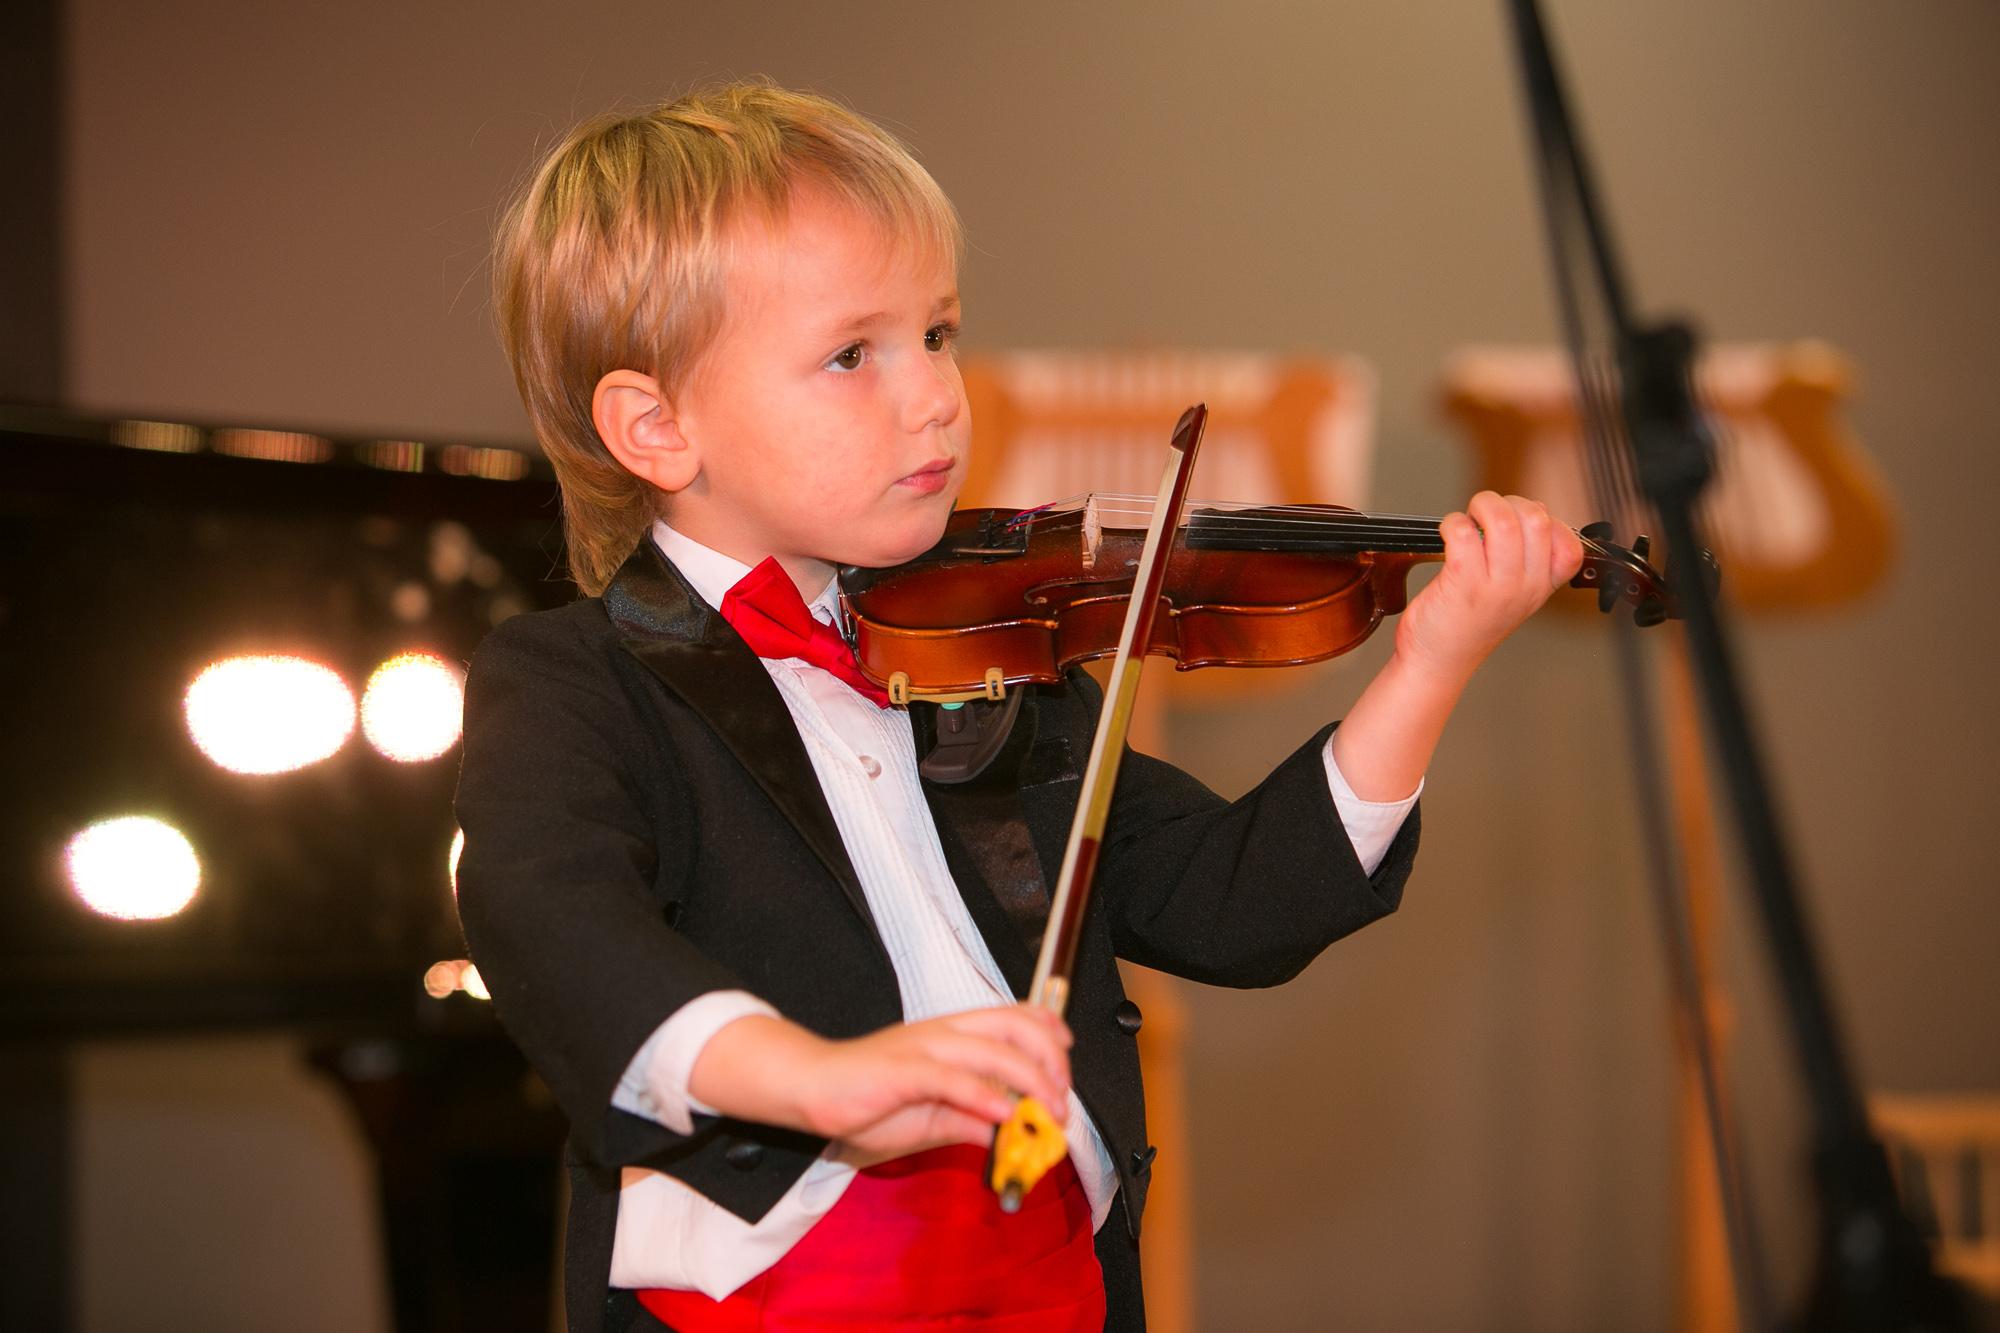 дж вапник музыкальный талант врождённый или приобретённый.